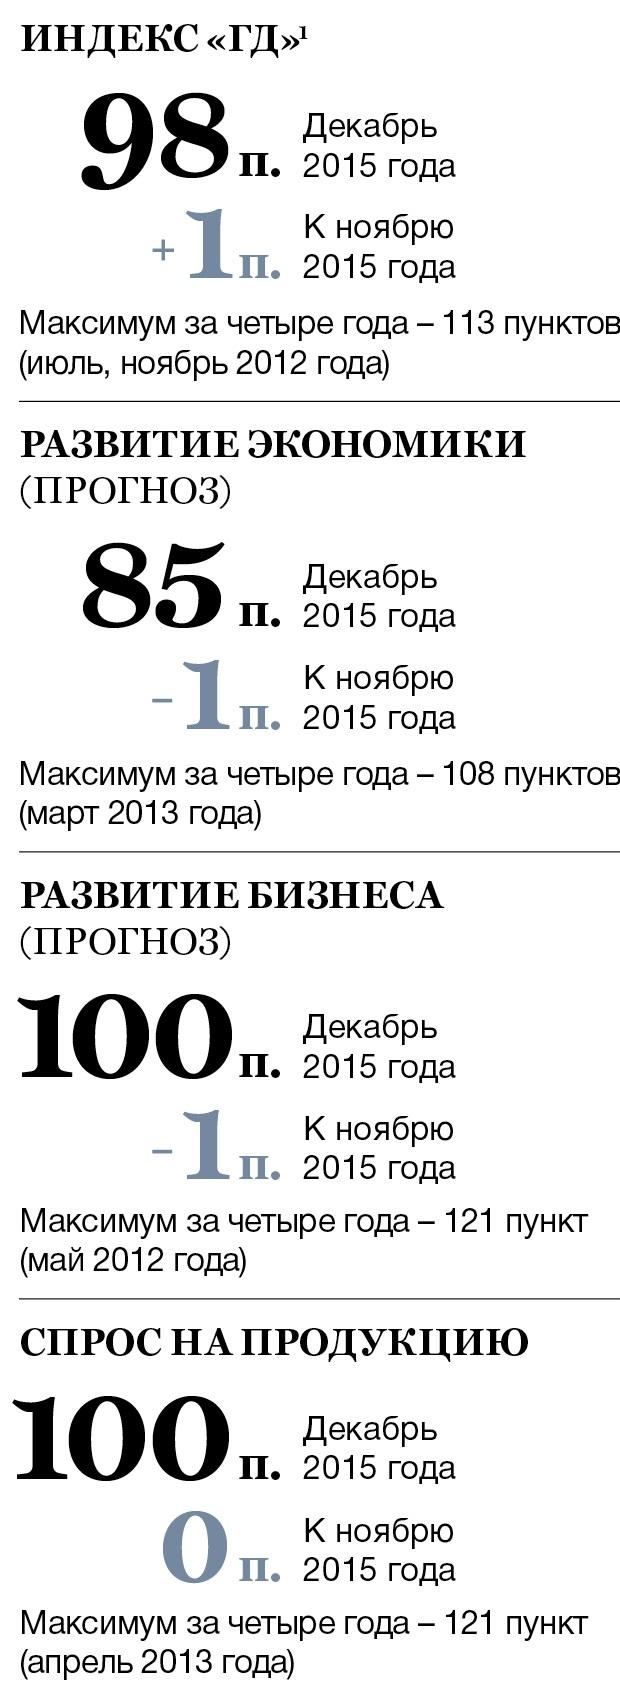 Экономическая ситуация в России и мире: анализ и прогноз. Февраль 2016